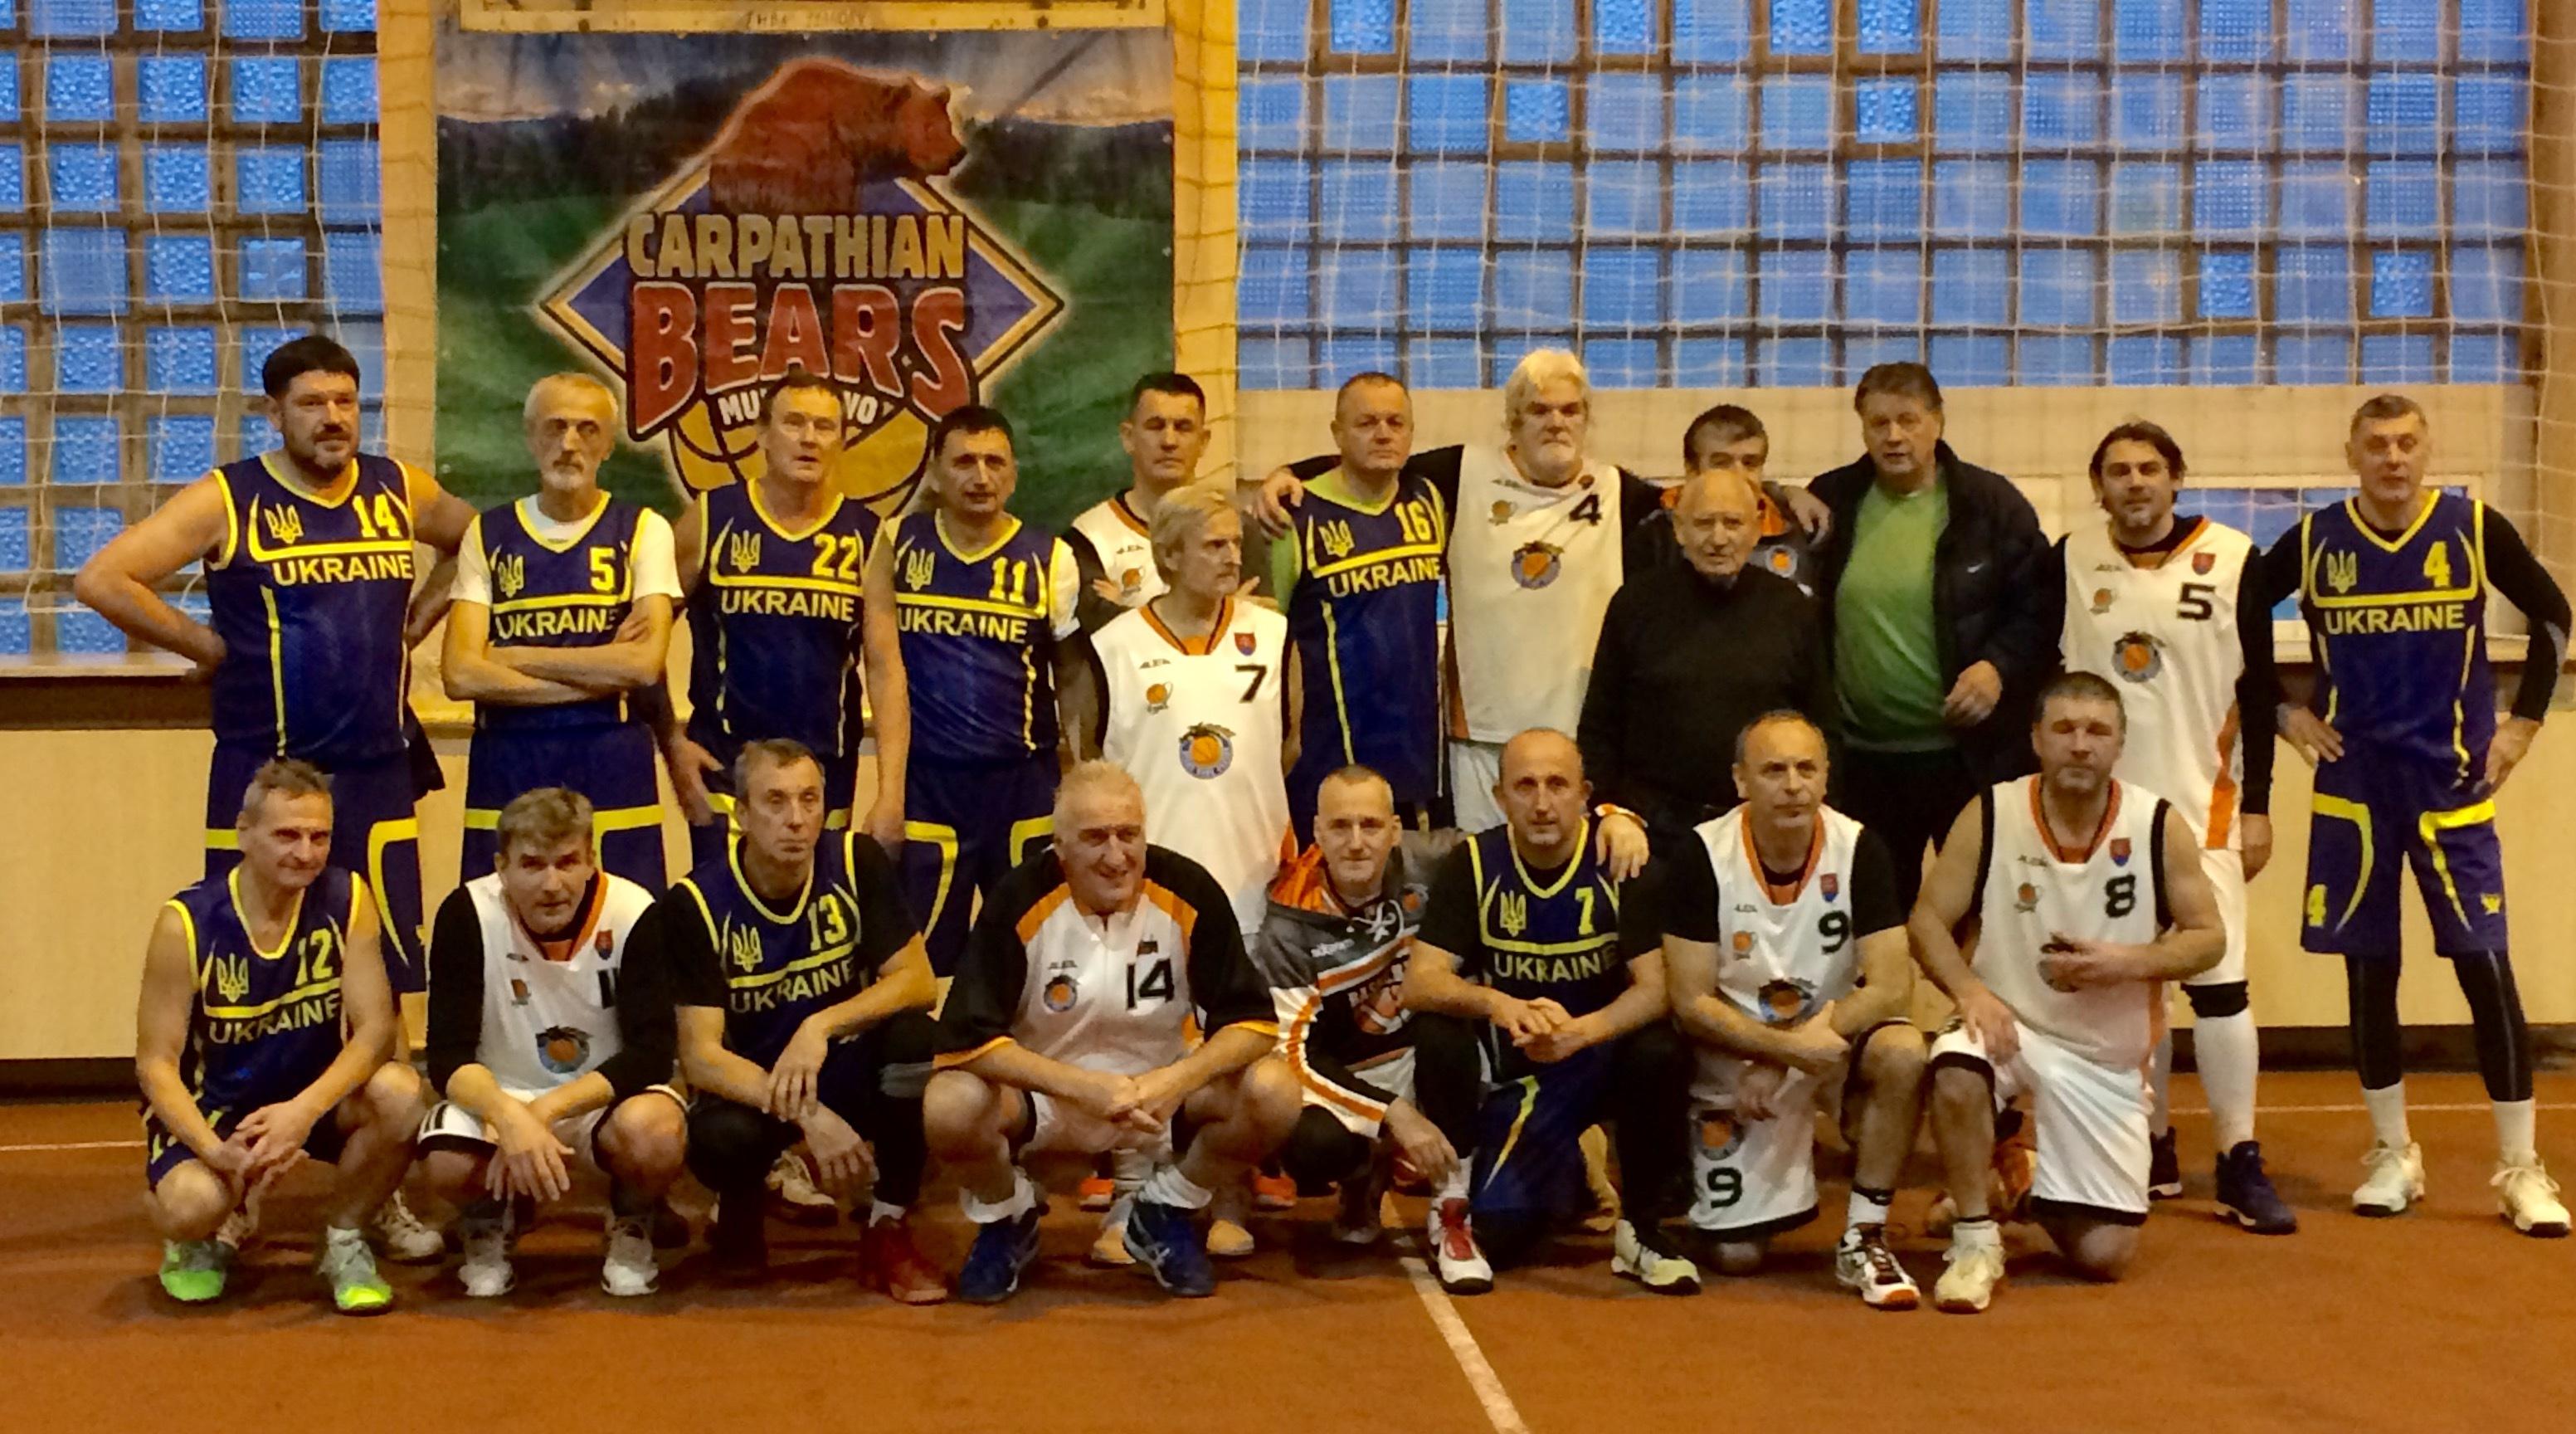 Ветерани у Мукачево: різдв'яний турнір чотирьох країн